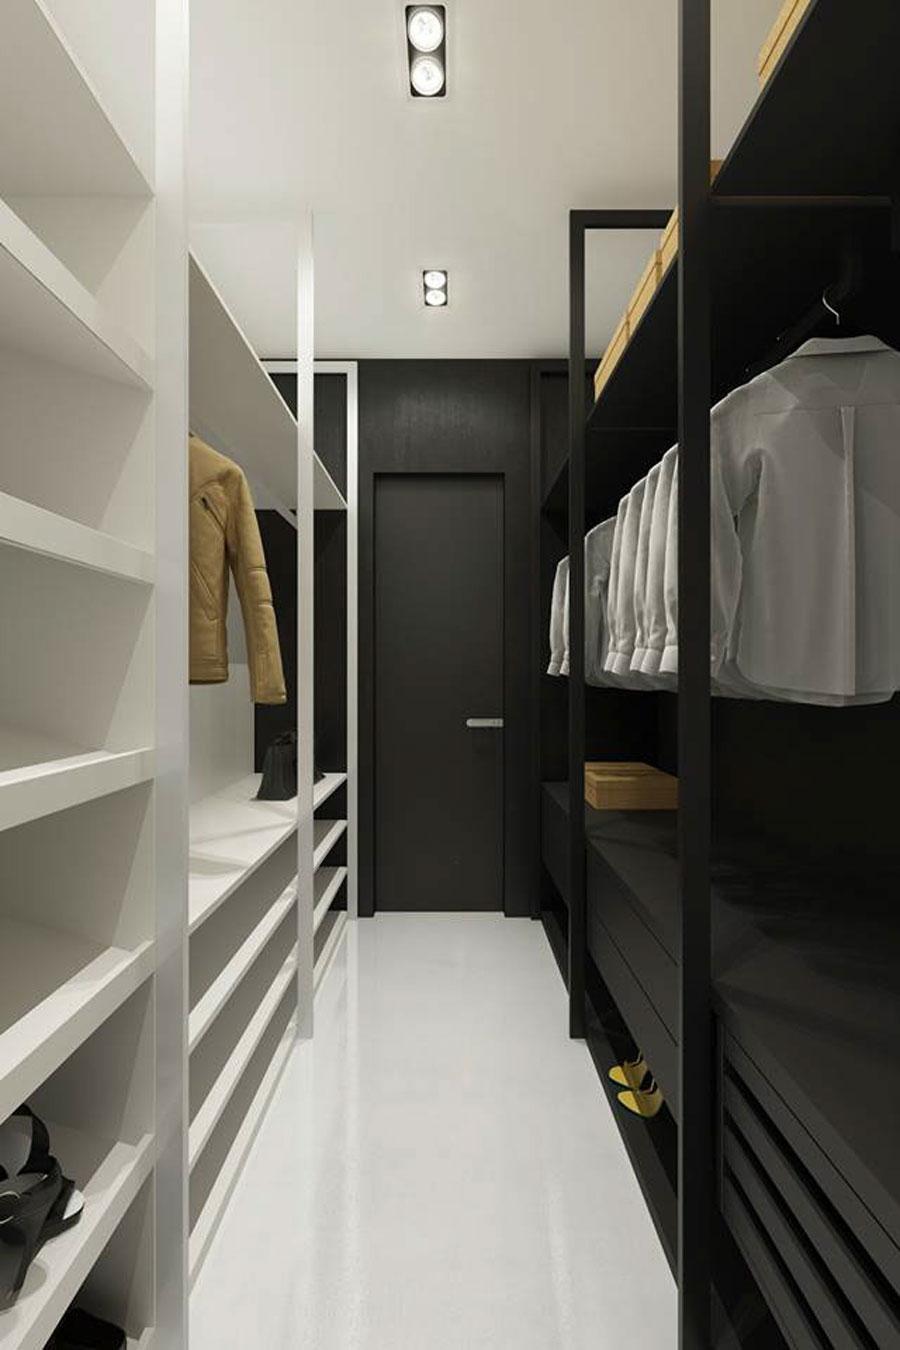 minimalistische moderne inloopkast